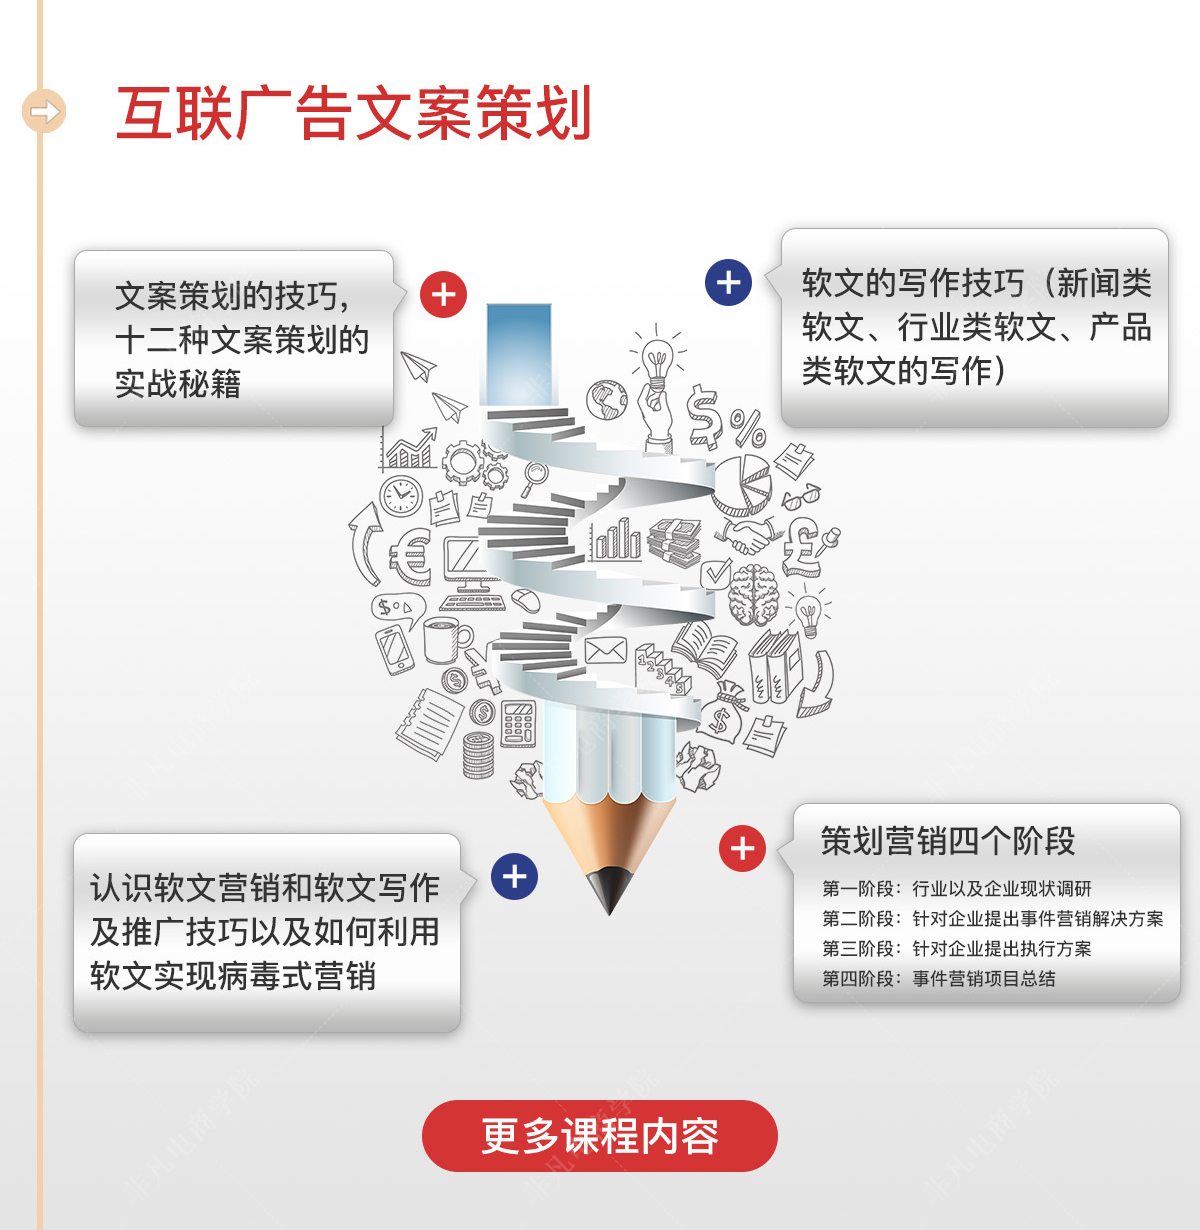 上海网络营销培训实战班